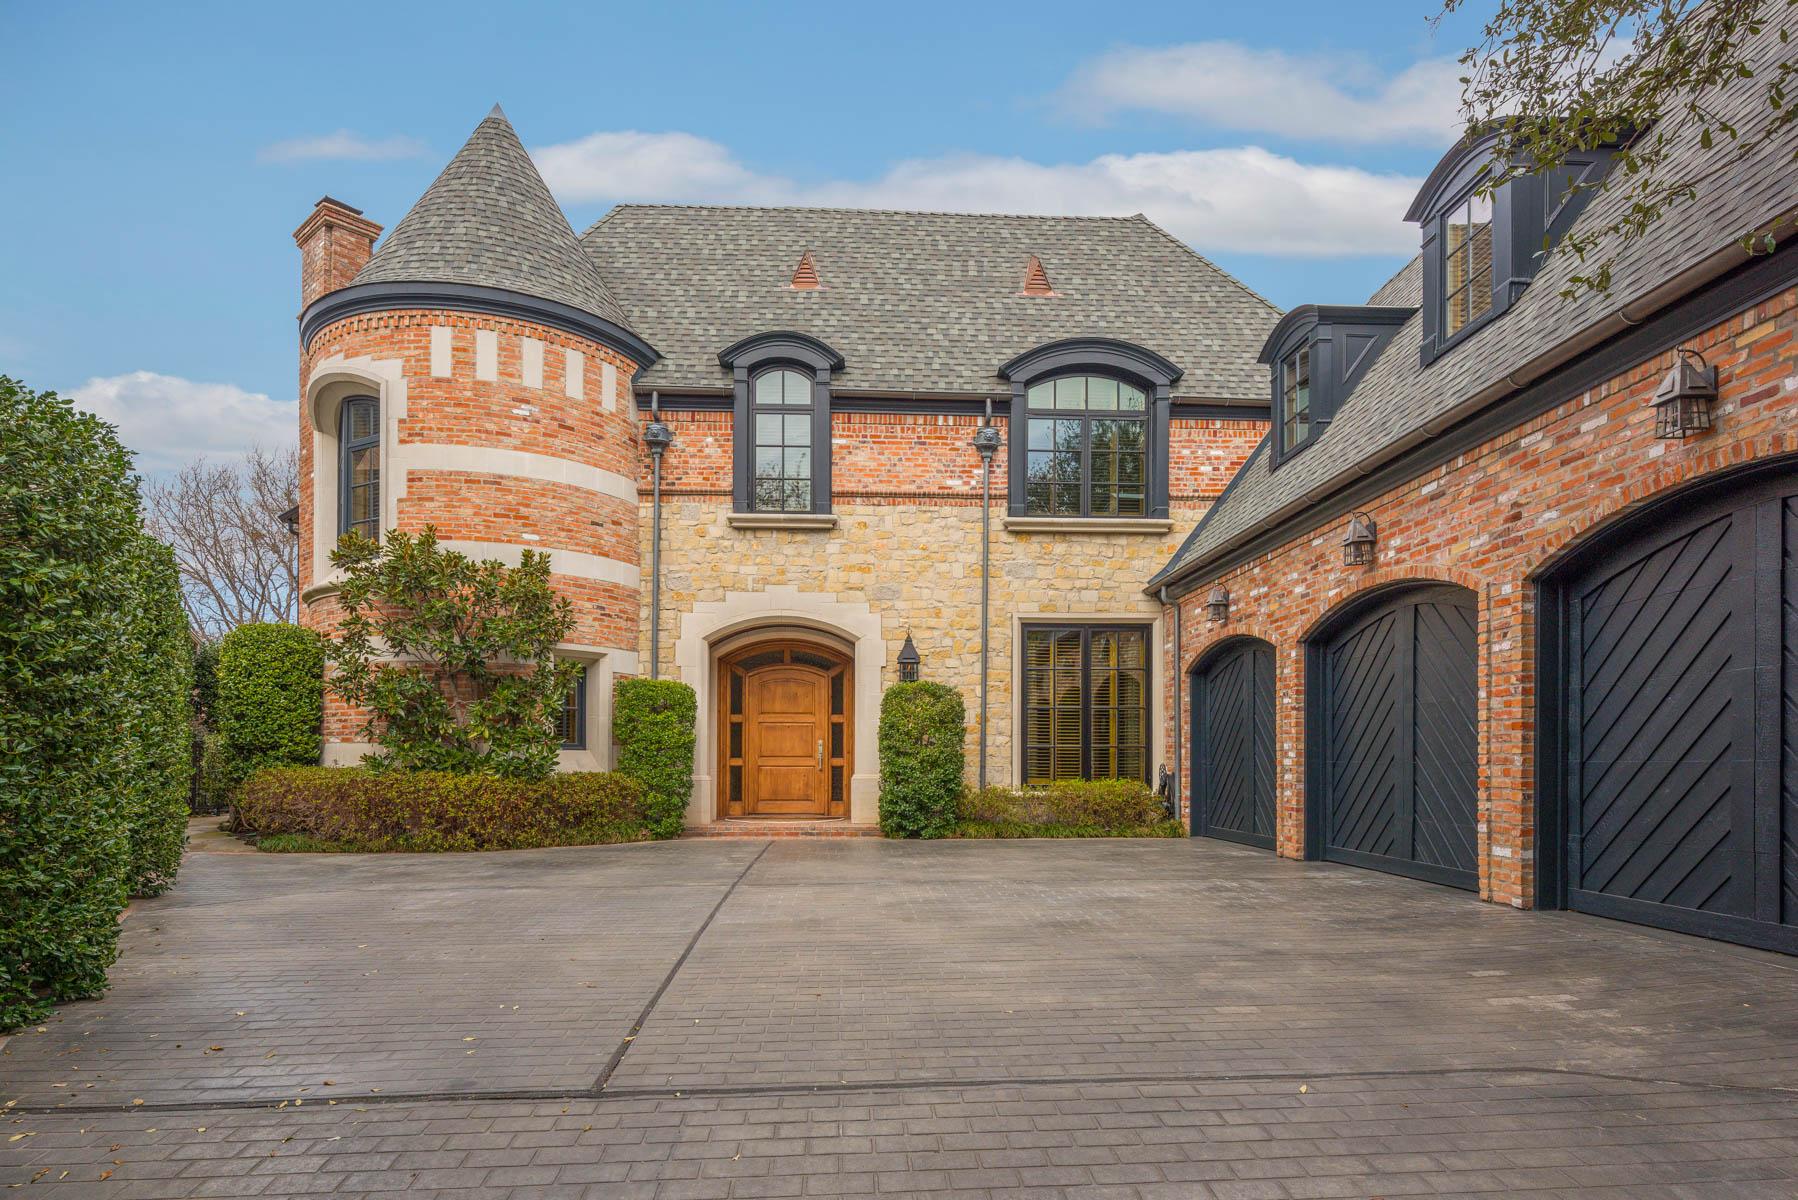 단독 가정 주택 용 매매 에 Stunning English Home at Preston Trail Golf Course 5655 Prestwick Ln Dallas, 텍사스, 75252 미국